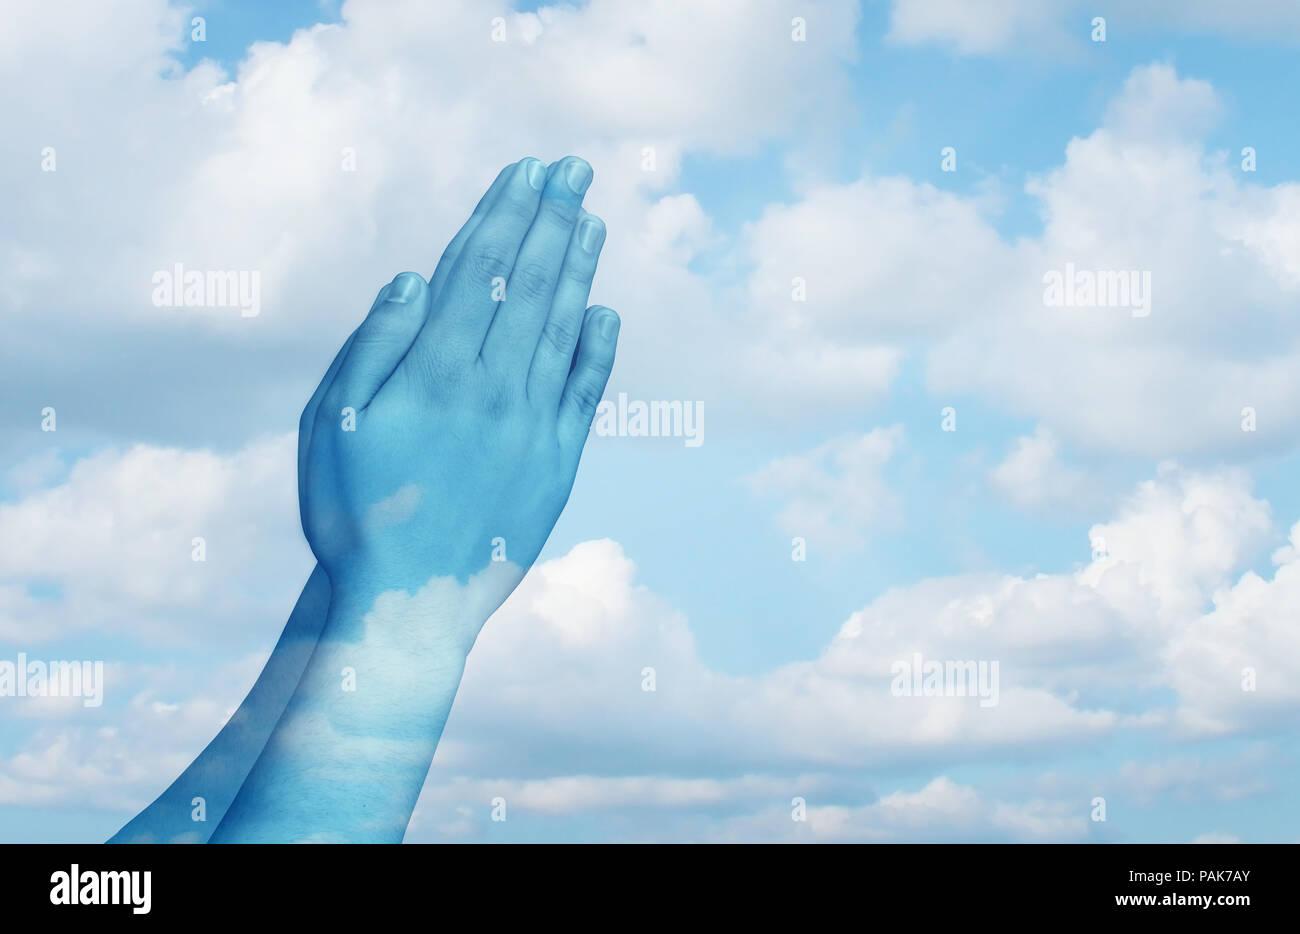 La prière et la vie spirituelle en tant que concept dans le culte mains sur un fond de ciel comme un symbole pour la croyance et de la spiritualité dans la religion. Photo Stock